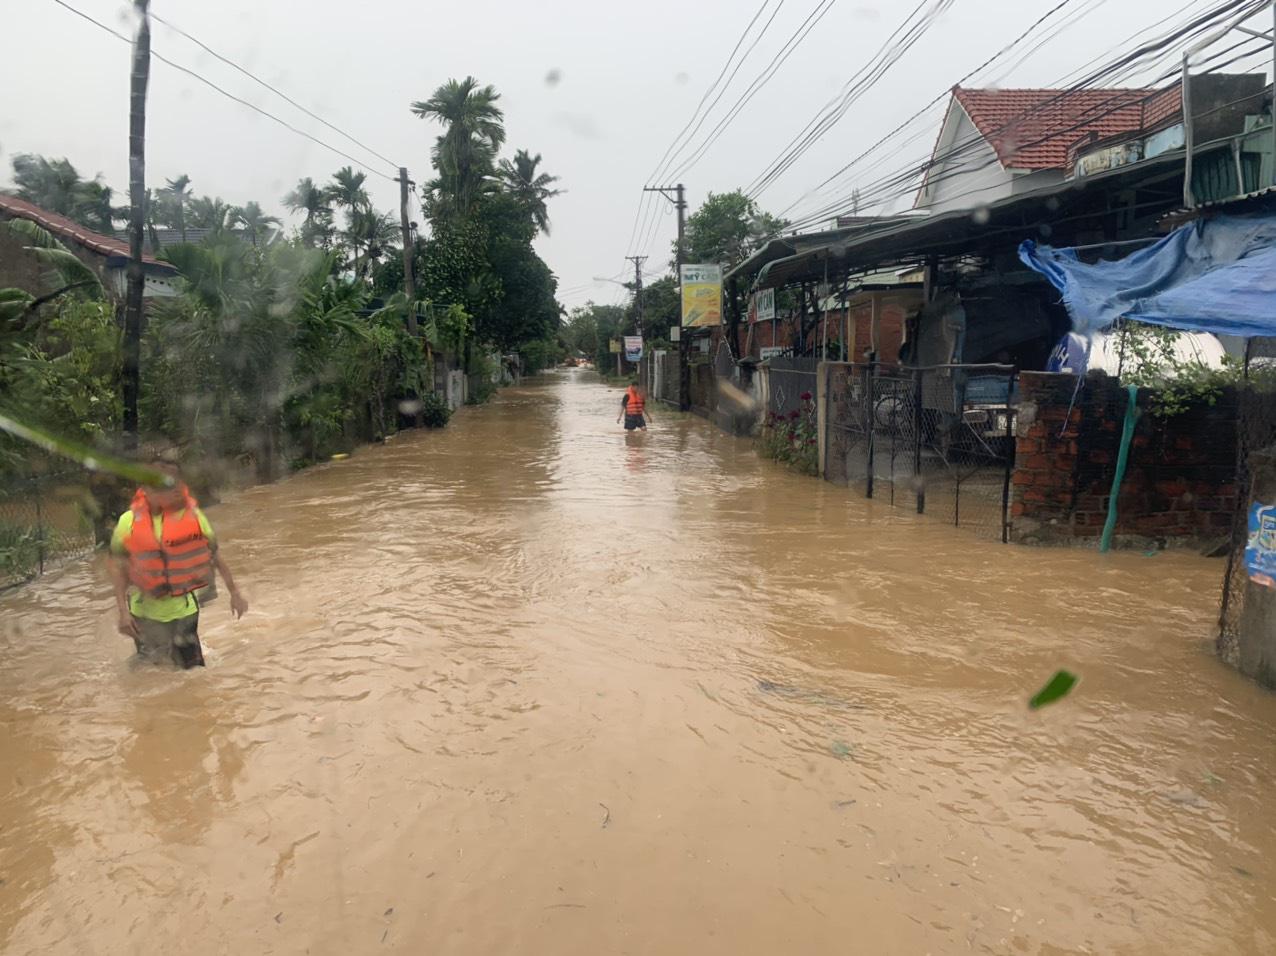 Bình Định: Hàng trăm nhà dân bị ngập 1m trong nước lũ - Ảnh 2.